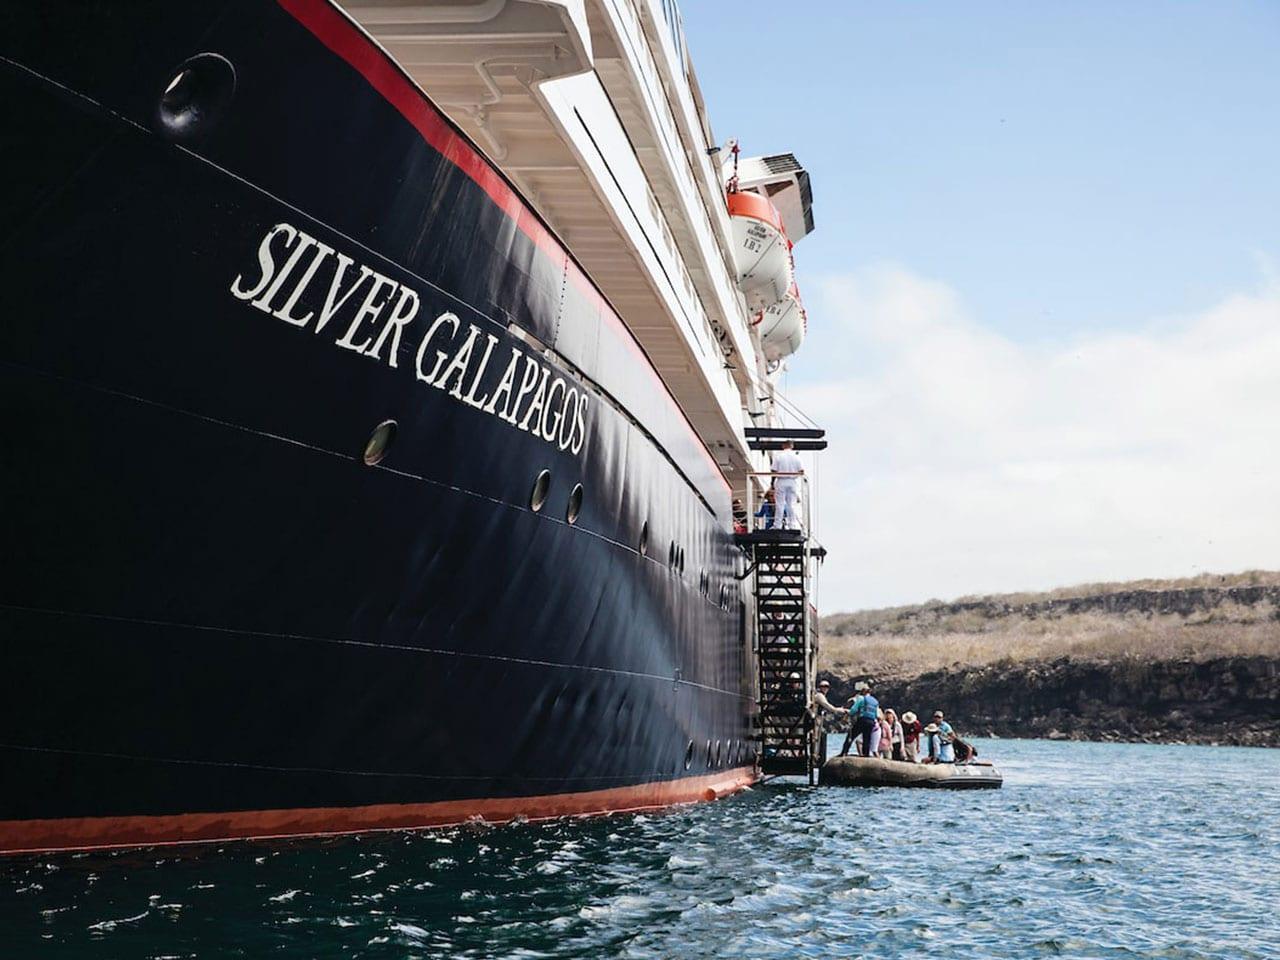 comment se passe une excursion en croisière avec Silversea ?